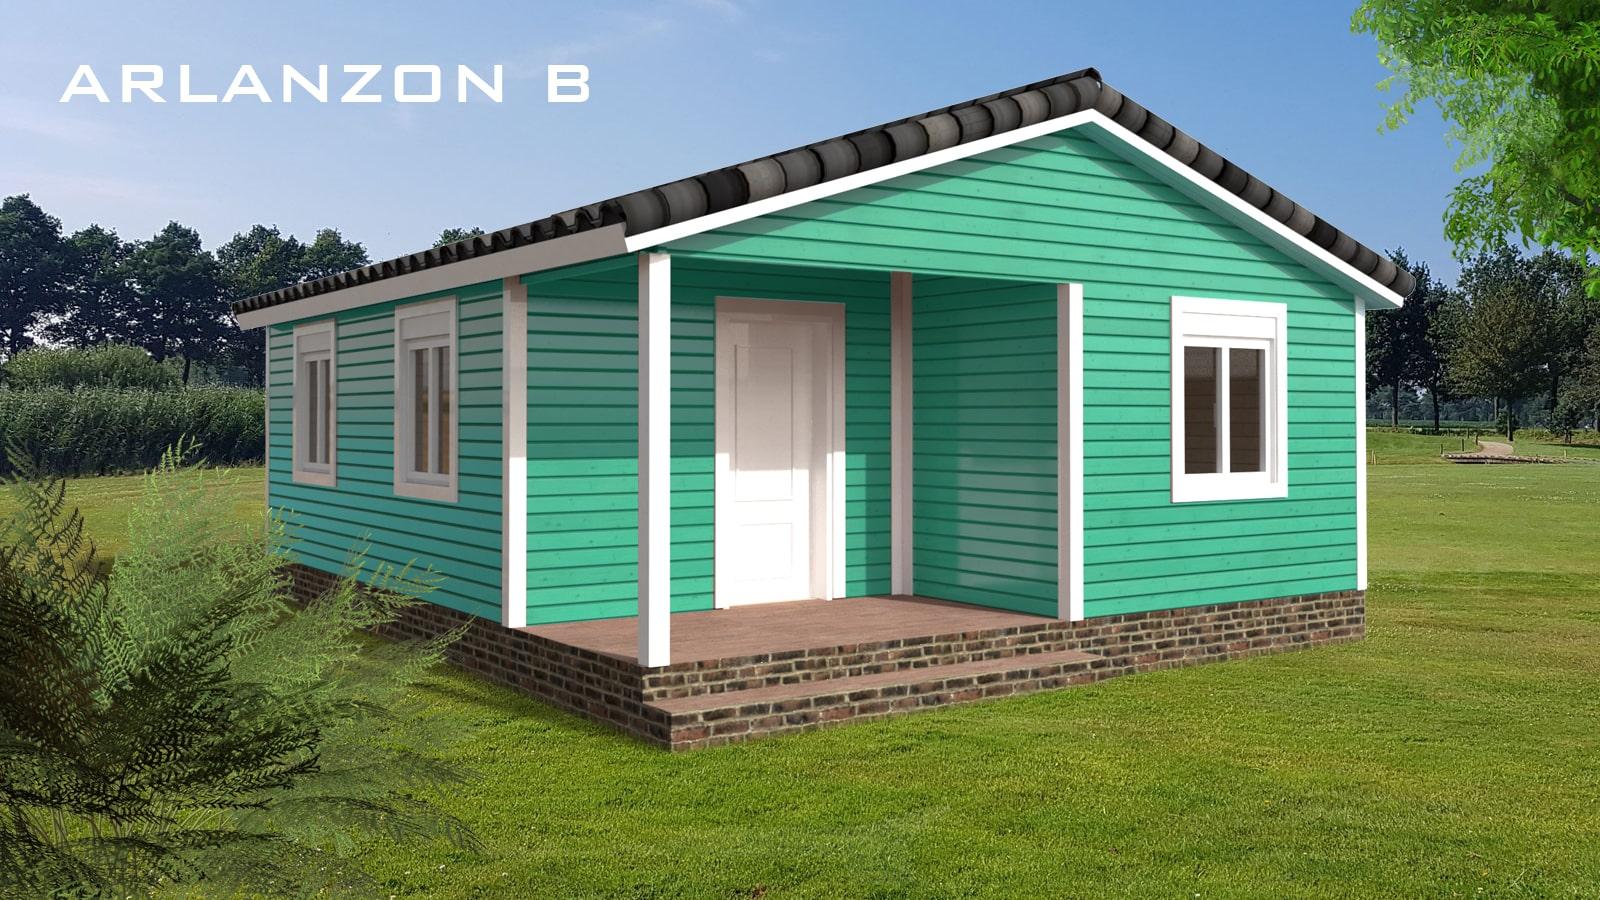 casa de madera llave en mano arlanzon b